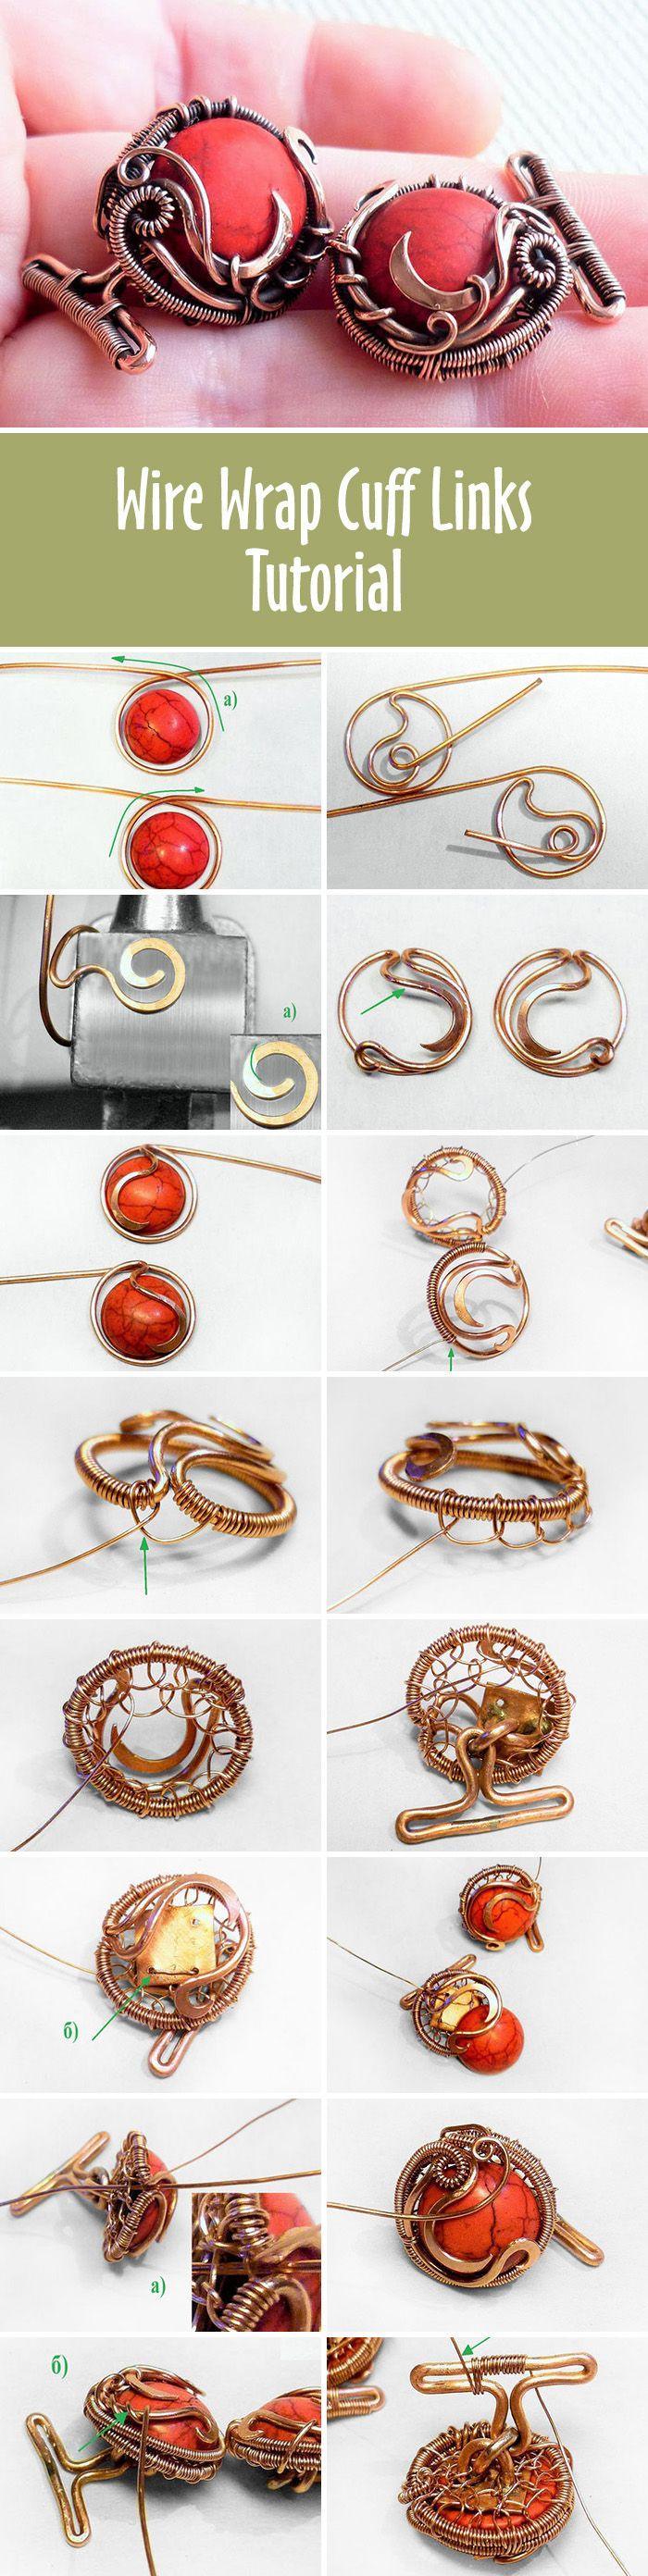 Wire wrap cuff links tutorial | Мастер-класс: создаем запонки «Красные горошины»